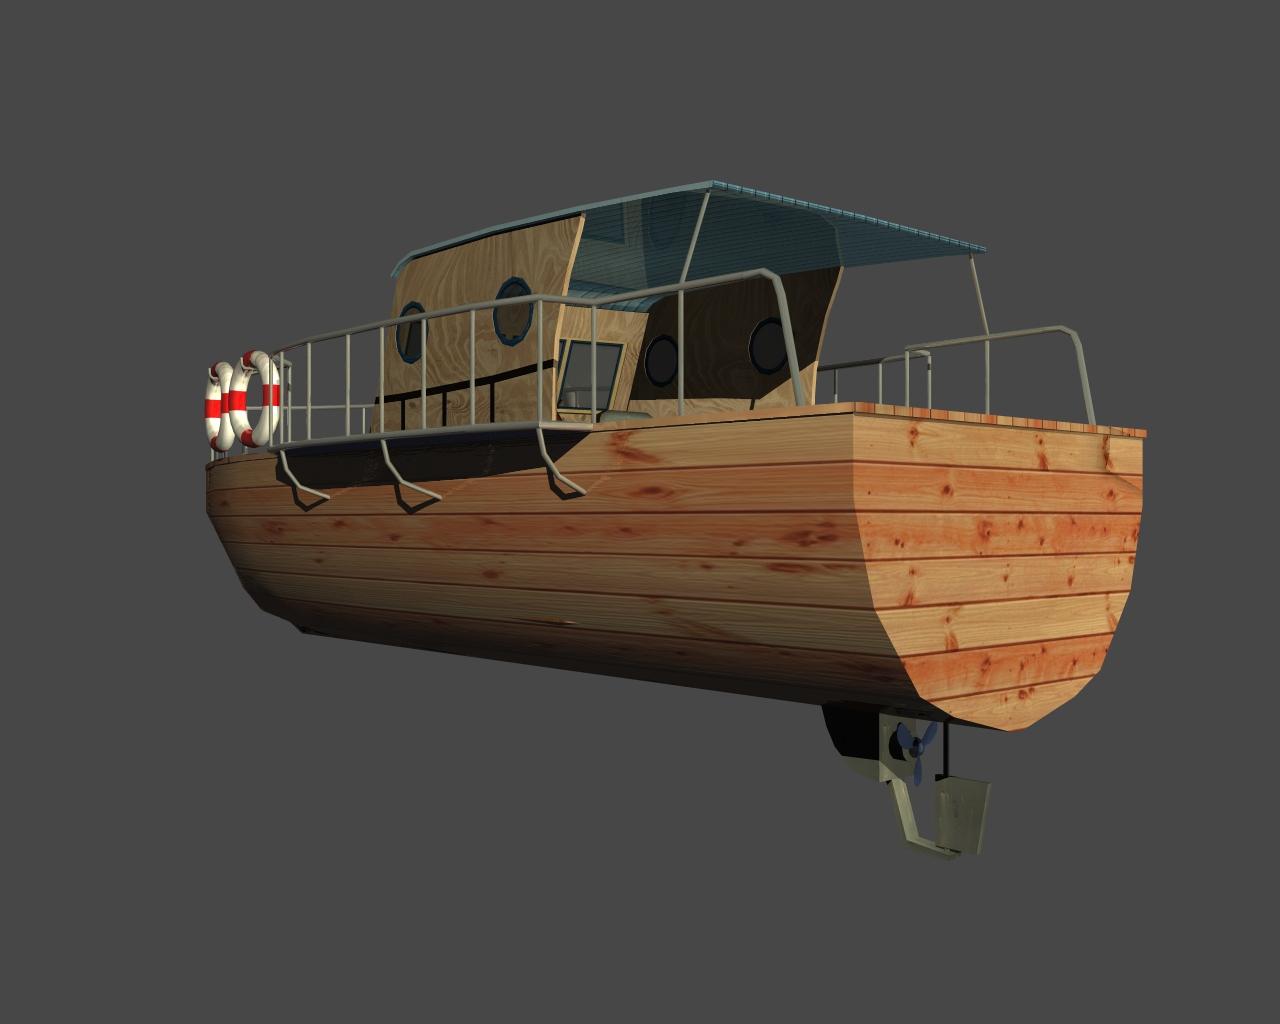 jauns laiva 3d 3ds 165408